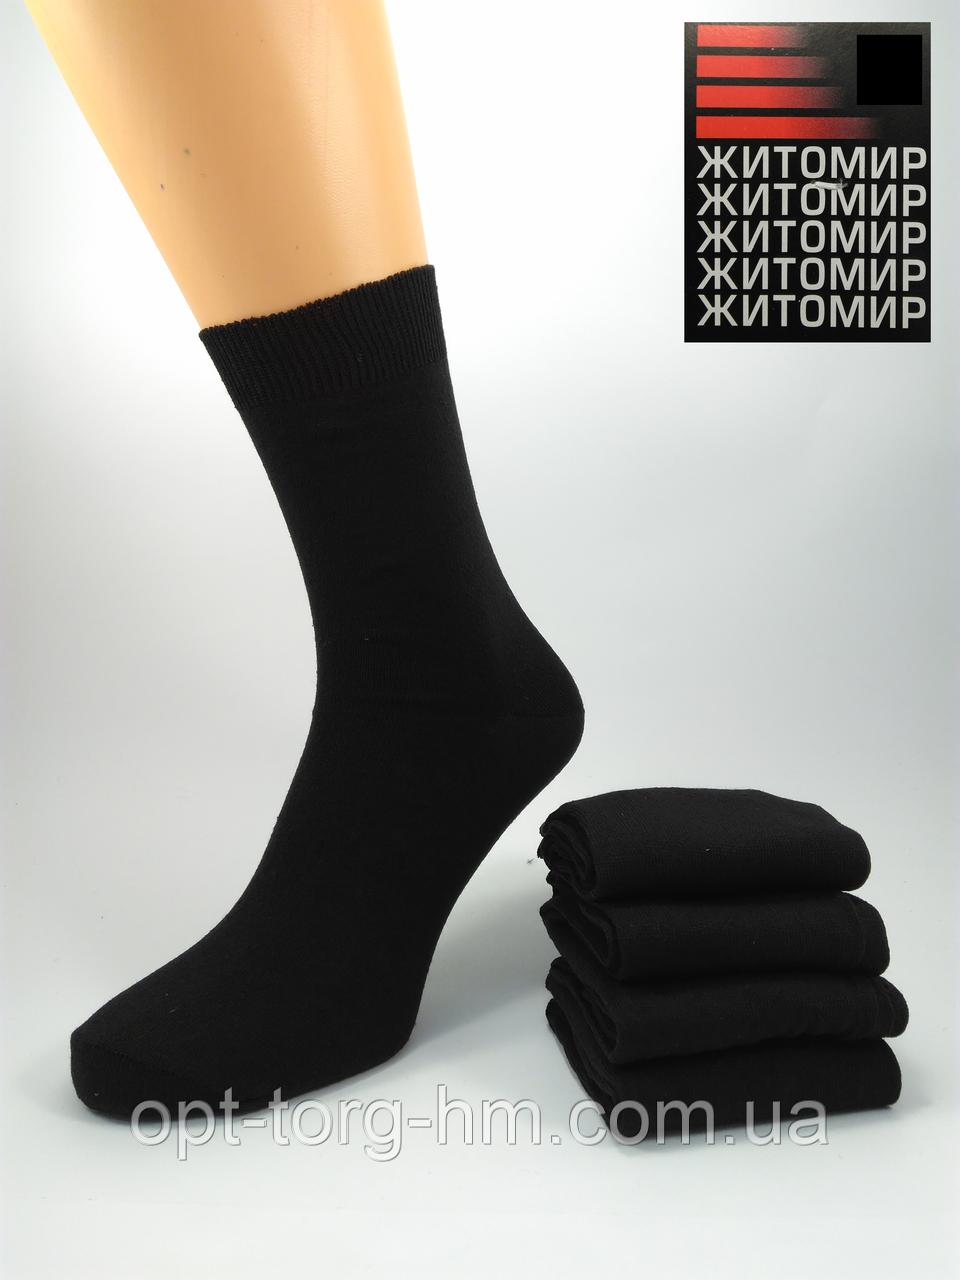 Гладкие черные мужские носки 31 (45-46ОБУВЬ)